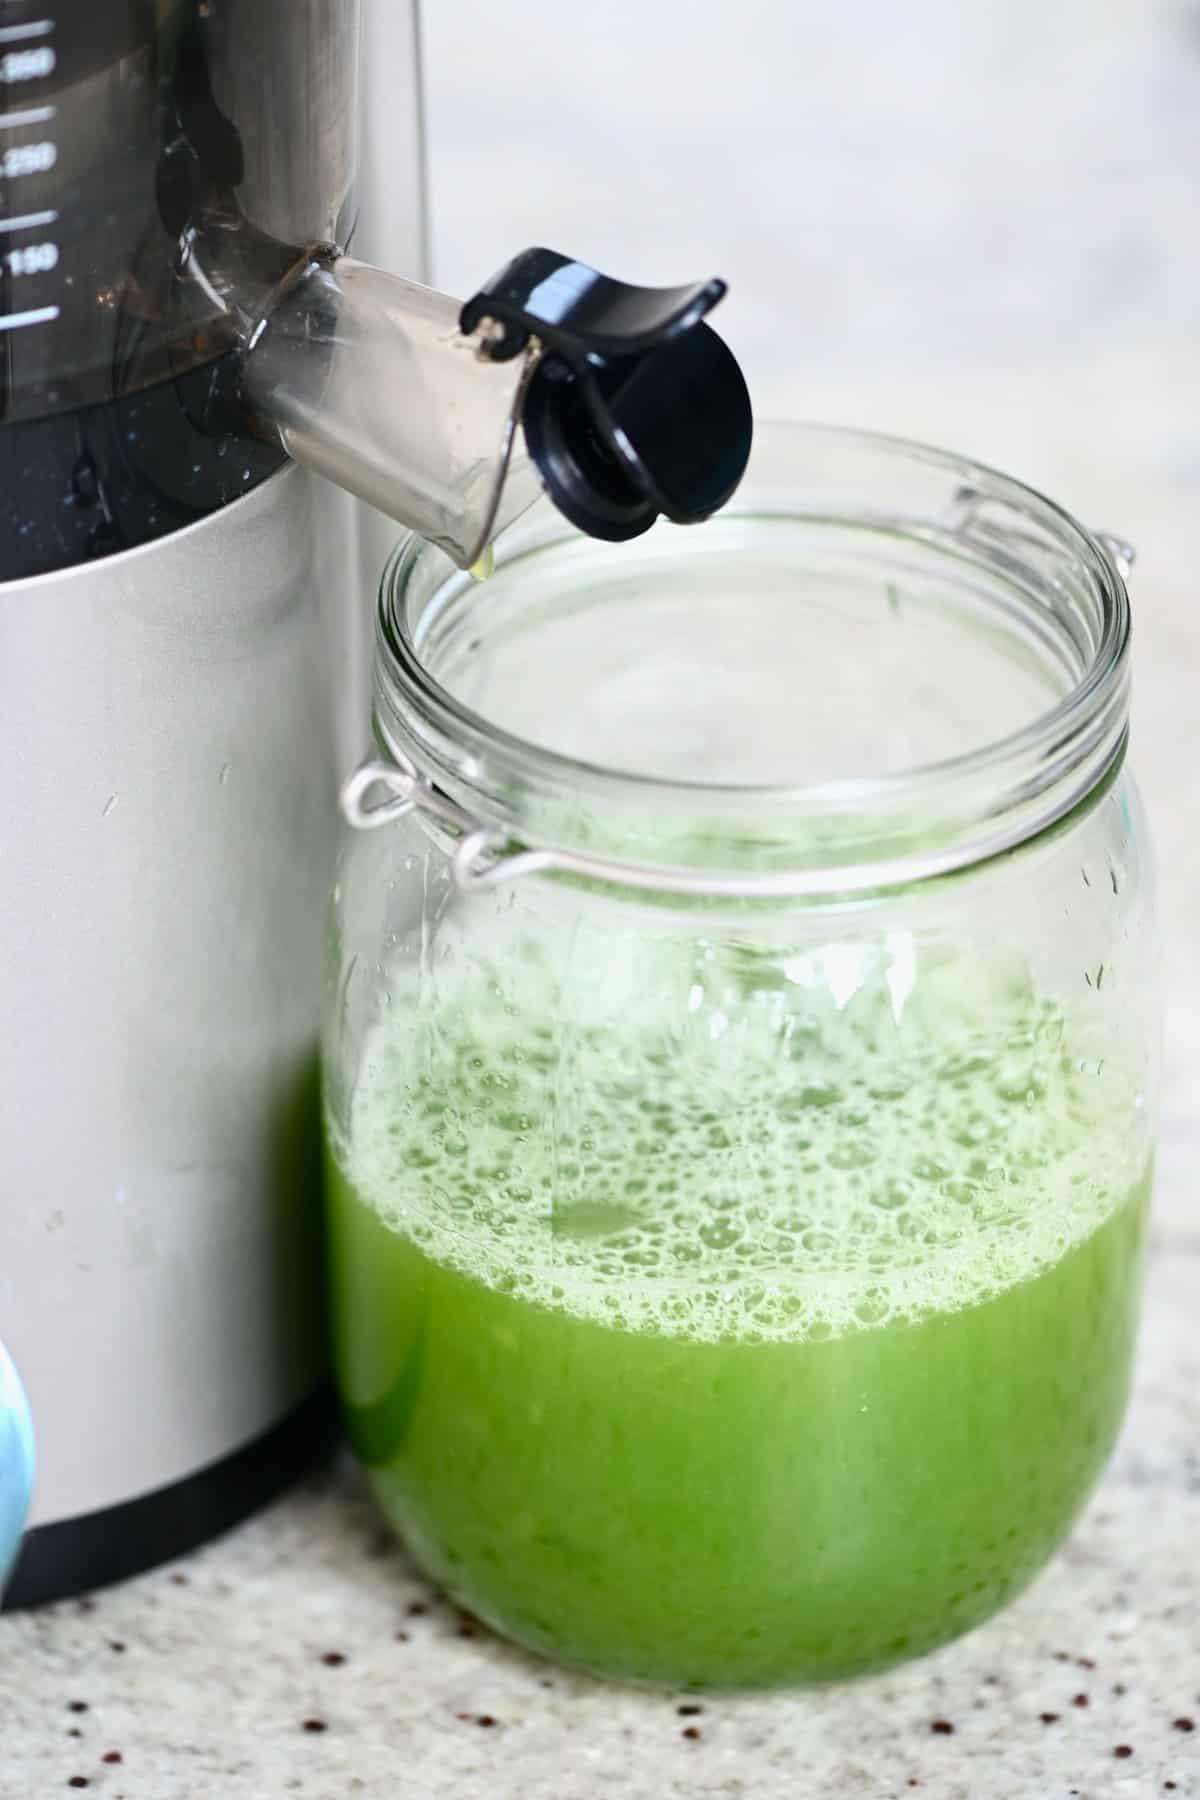 A jug with cucumber juice